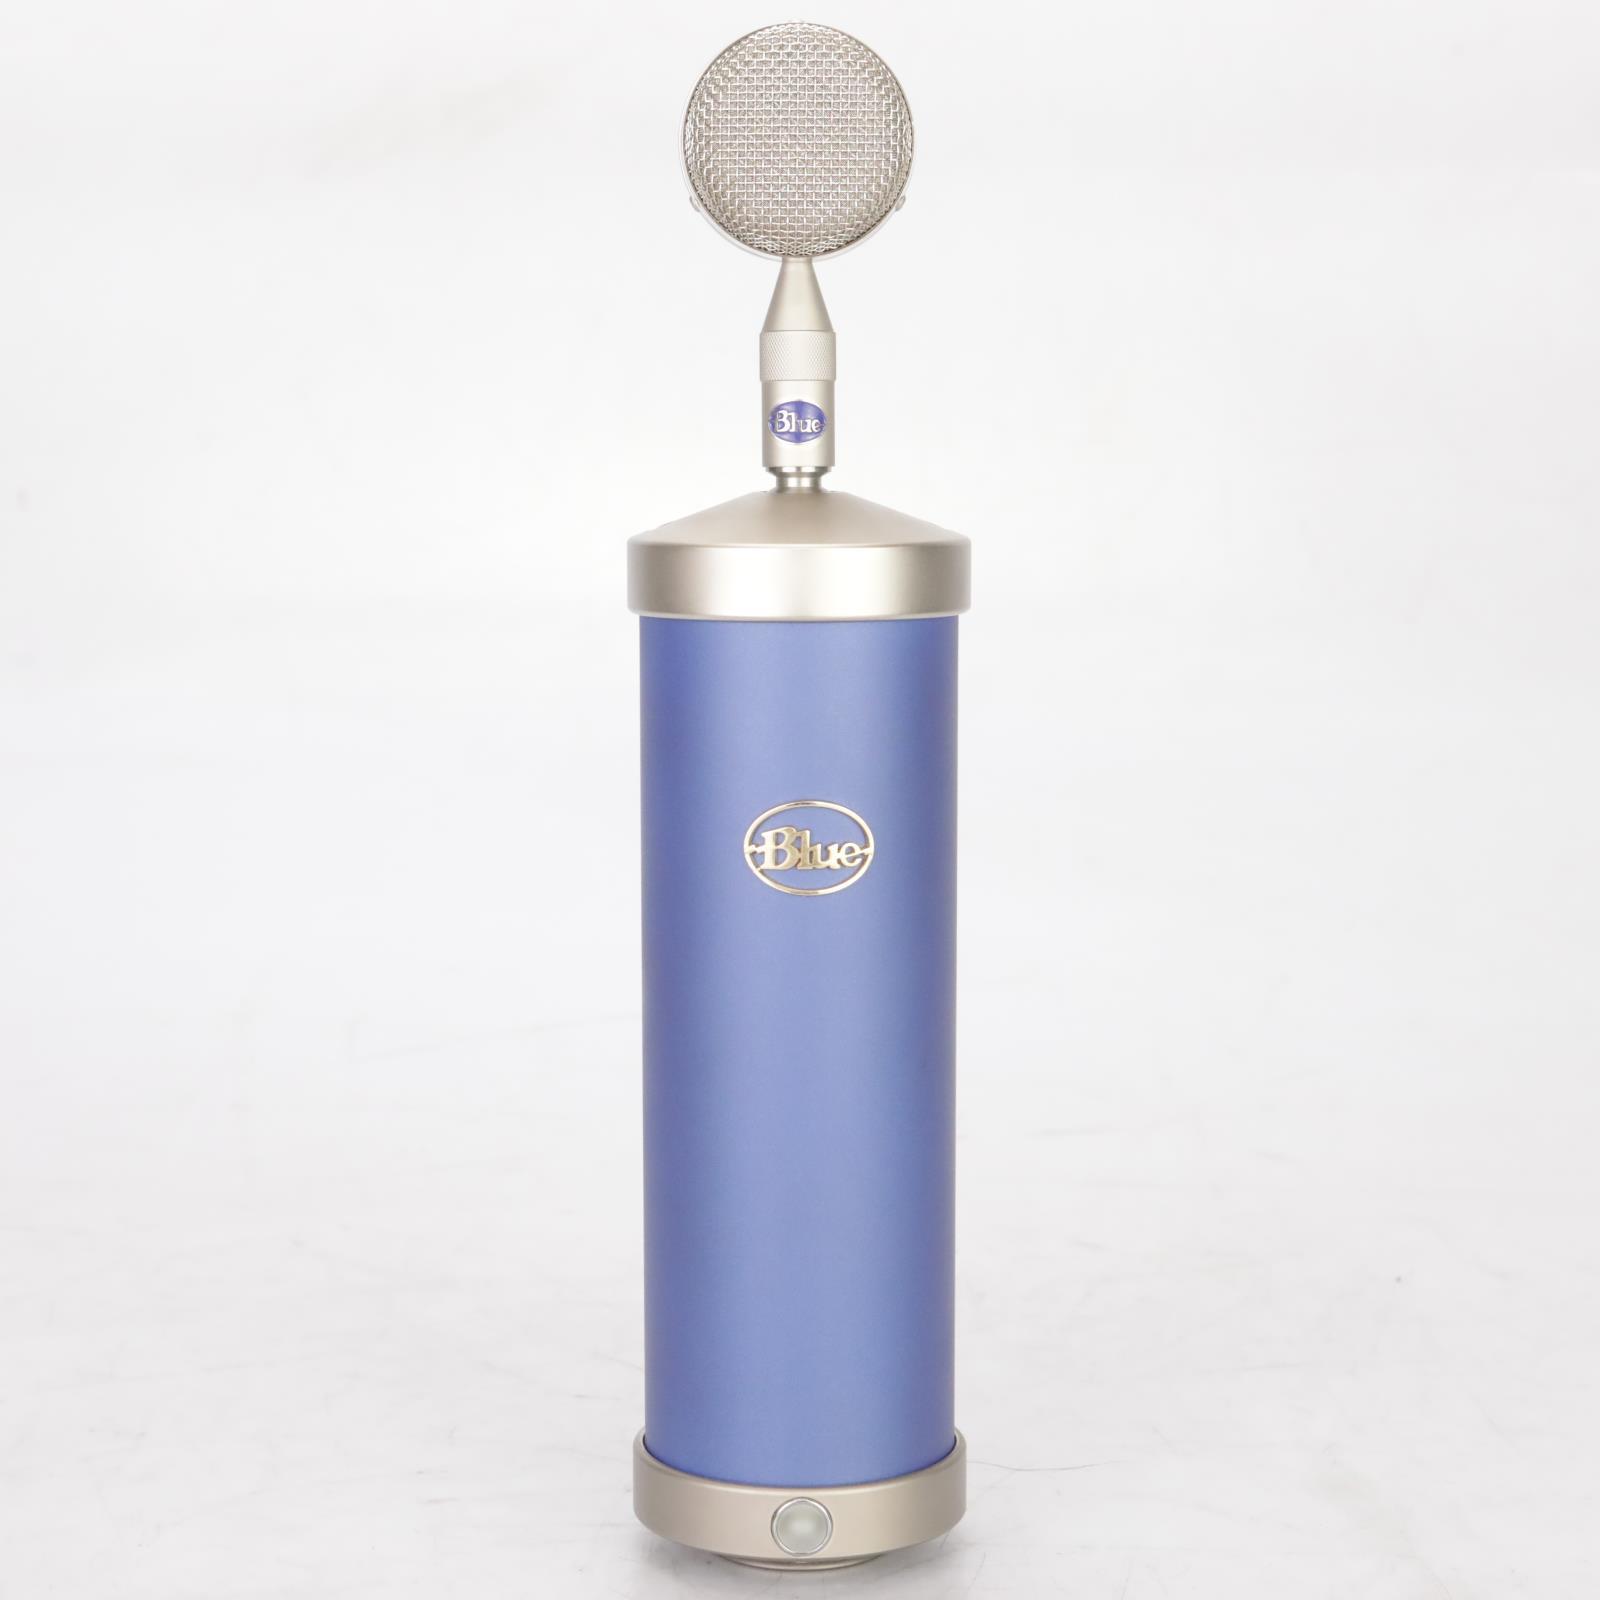 Blue Bottle Tube Microphone & Bottle Cap Kit 9 Capsules w/ Cases #38606